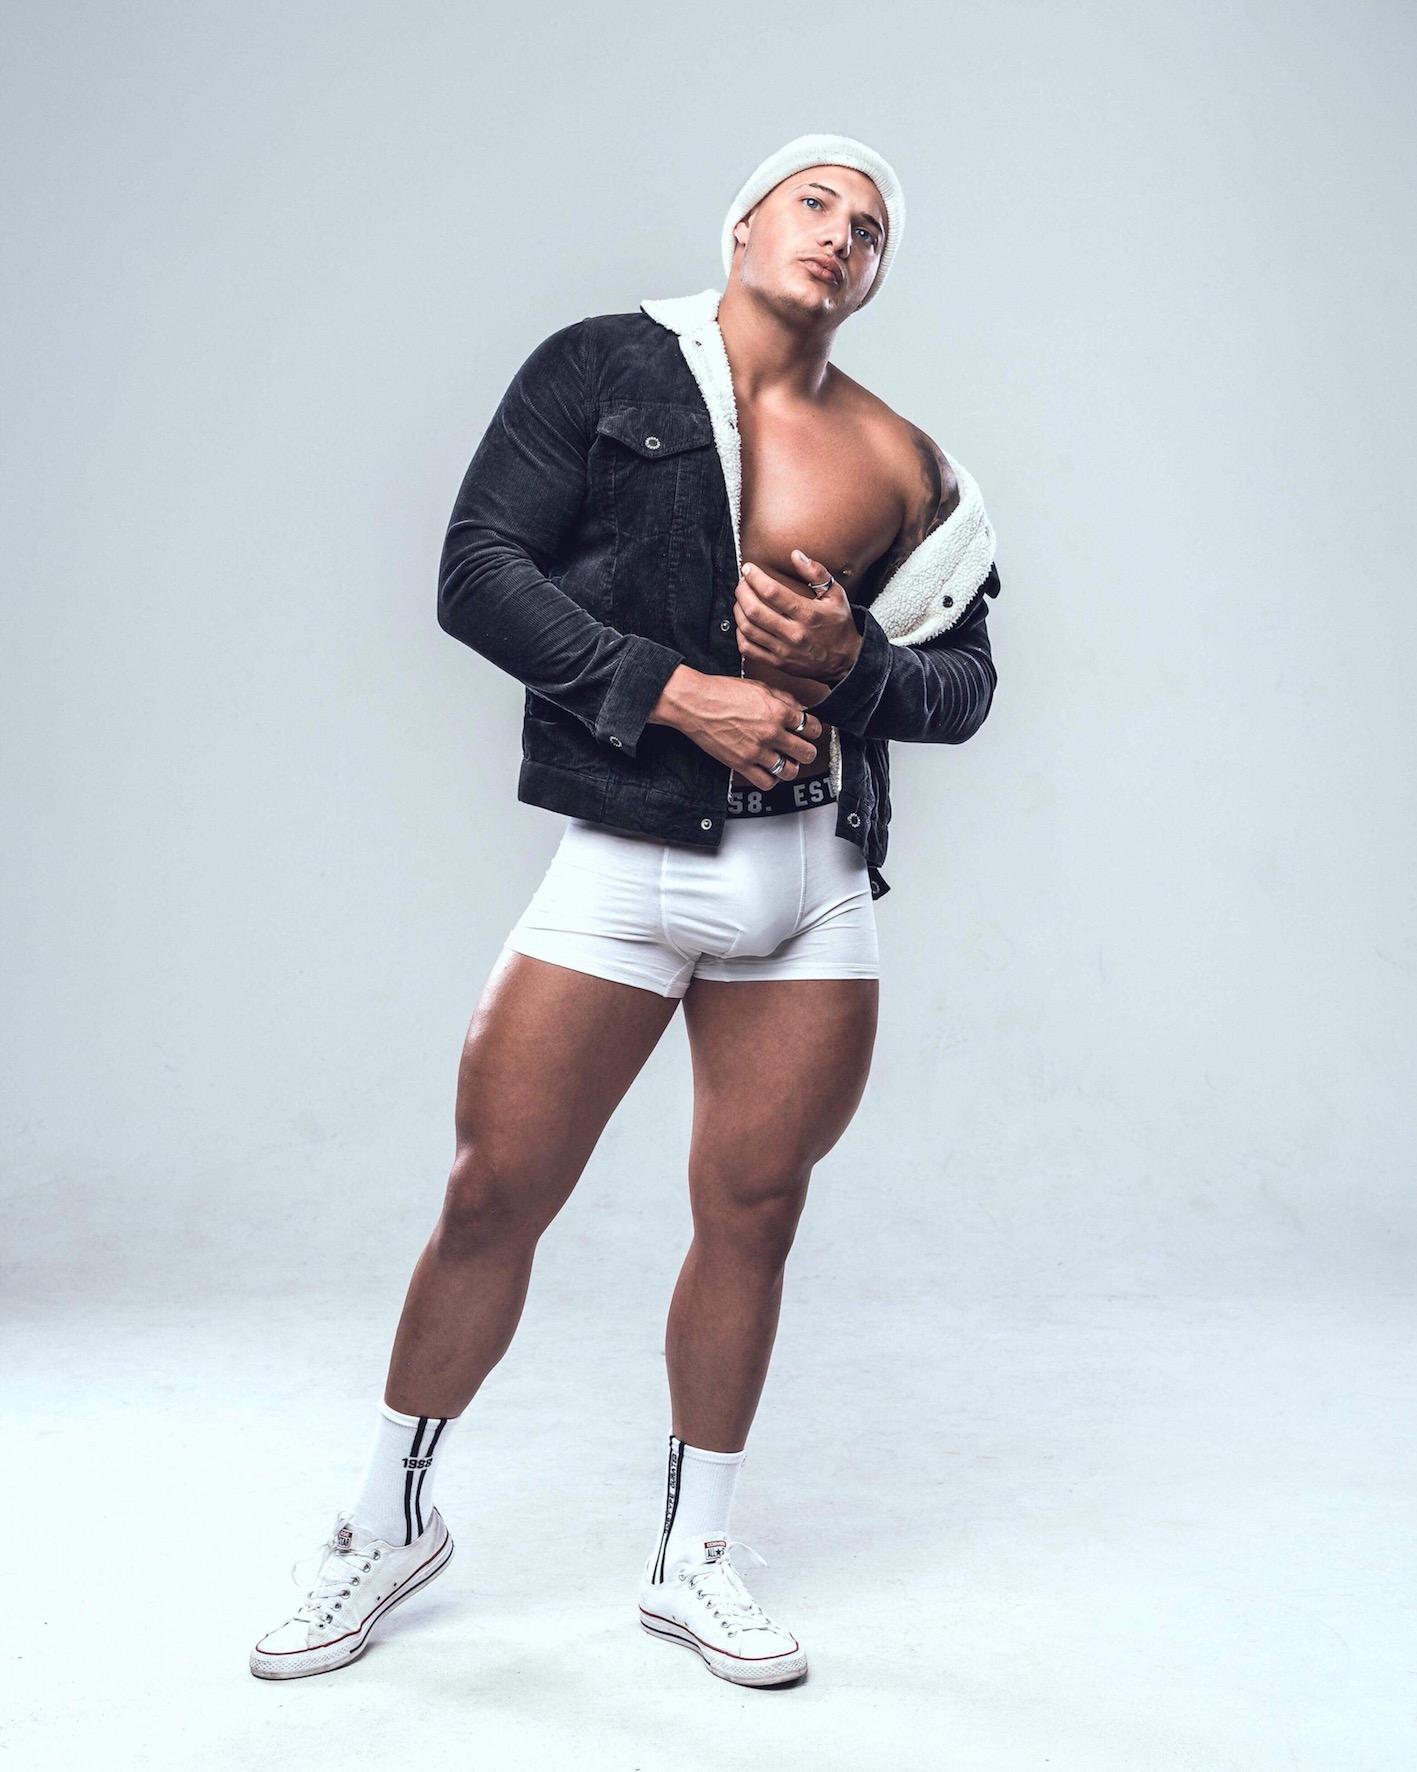 Vinny Topless Waiter